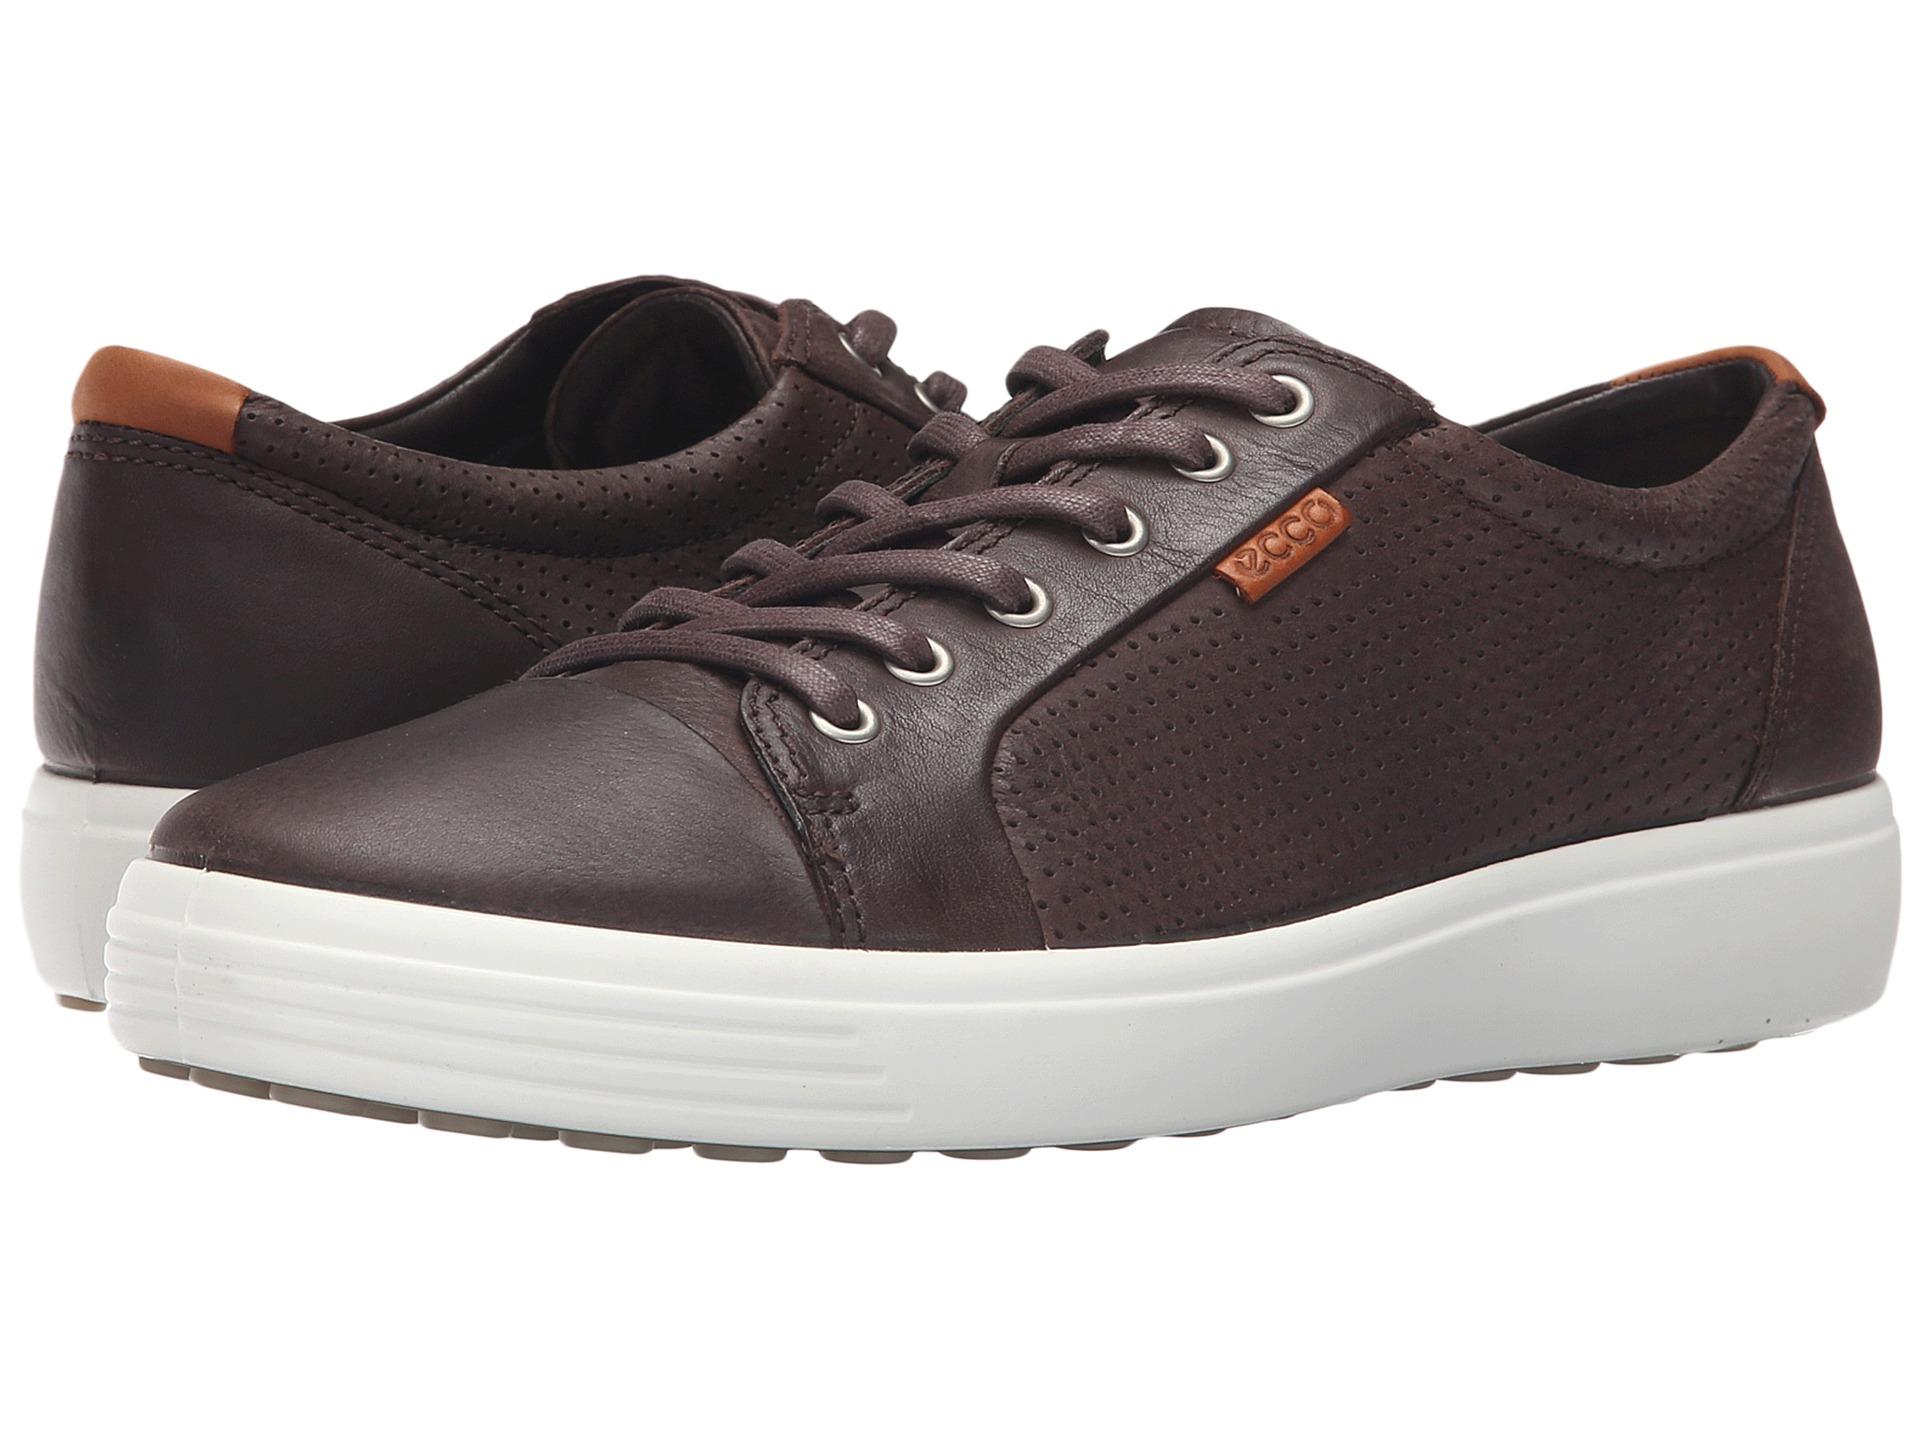 Skate shoes edinburgh - View More Like This Ecco Soft 7 Perf Tie